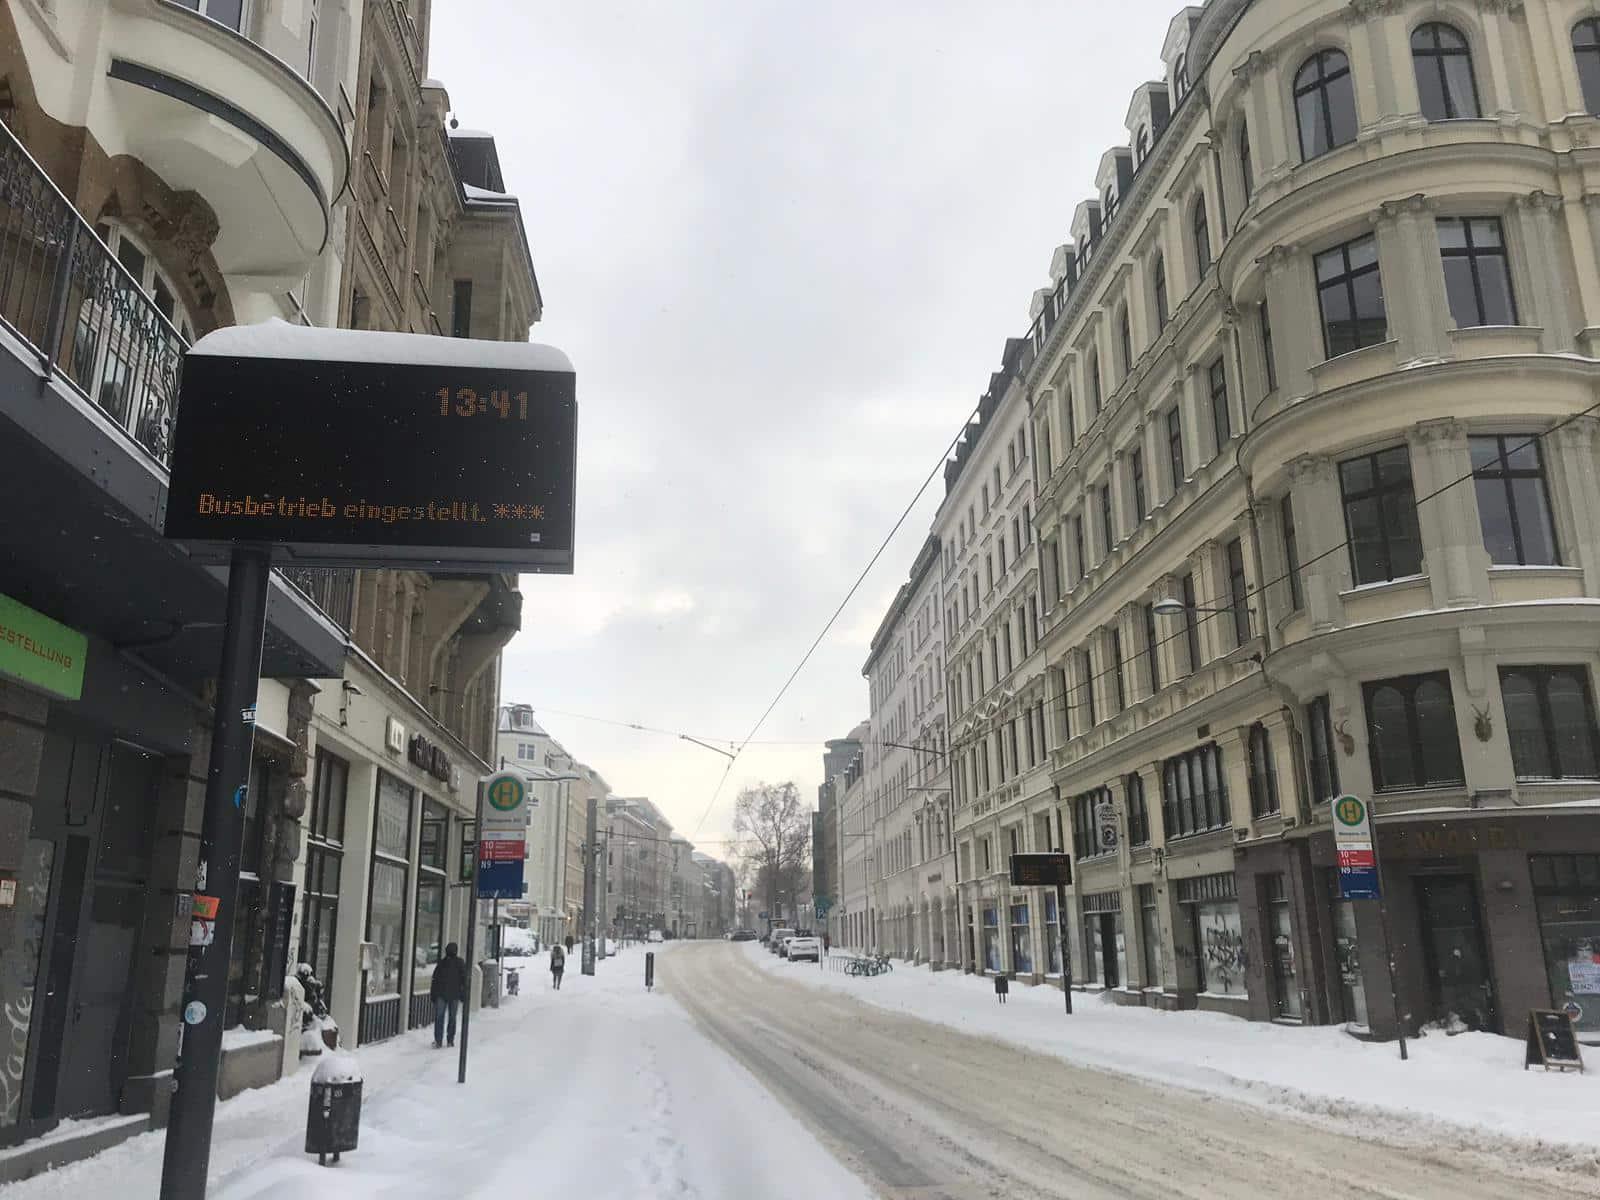 Seit den frühen Morgenstunden mussten die LVB den Bus- und Bahnverkehr einstellen. Foto: Birthe Kleemann